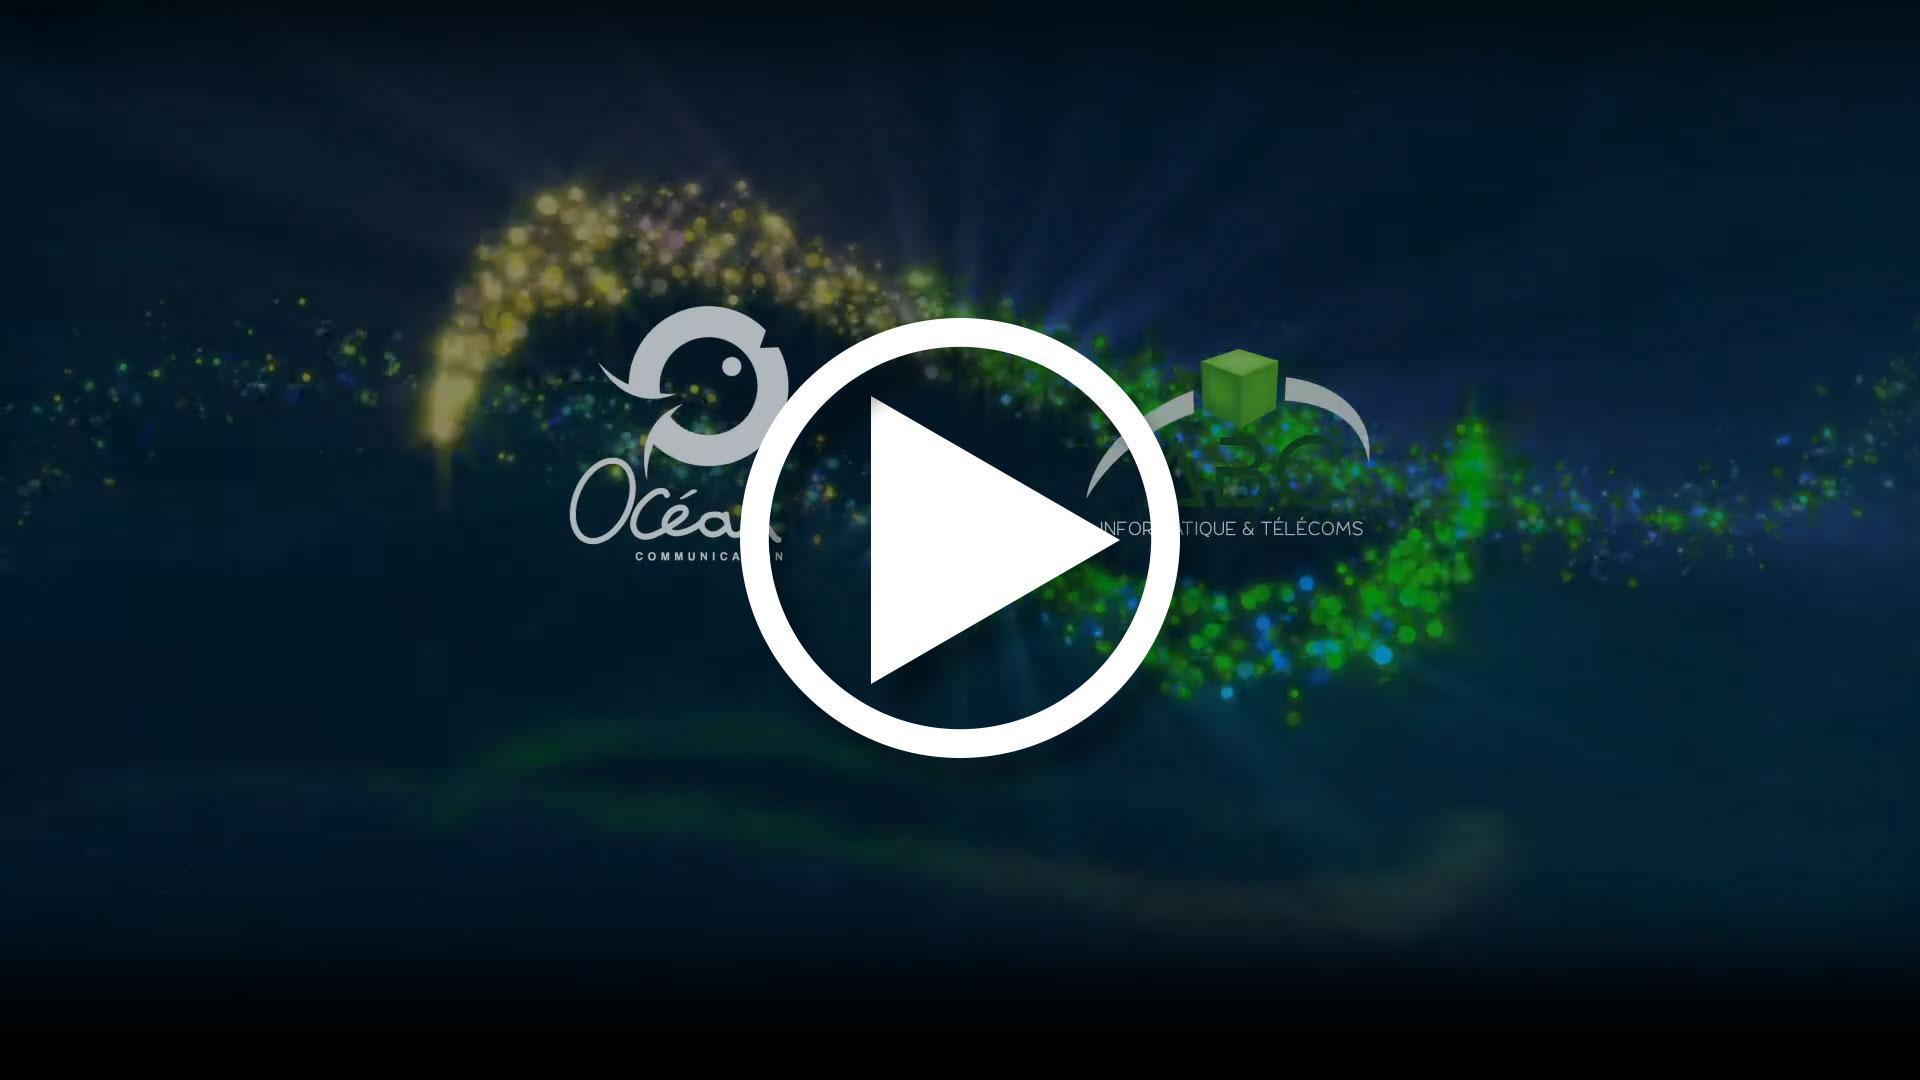 Découvrez notre vidéo de présentation